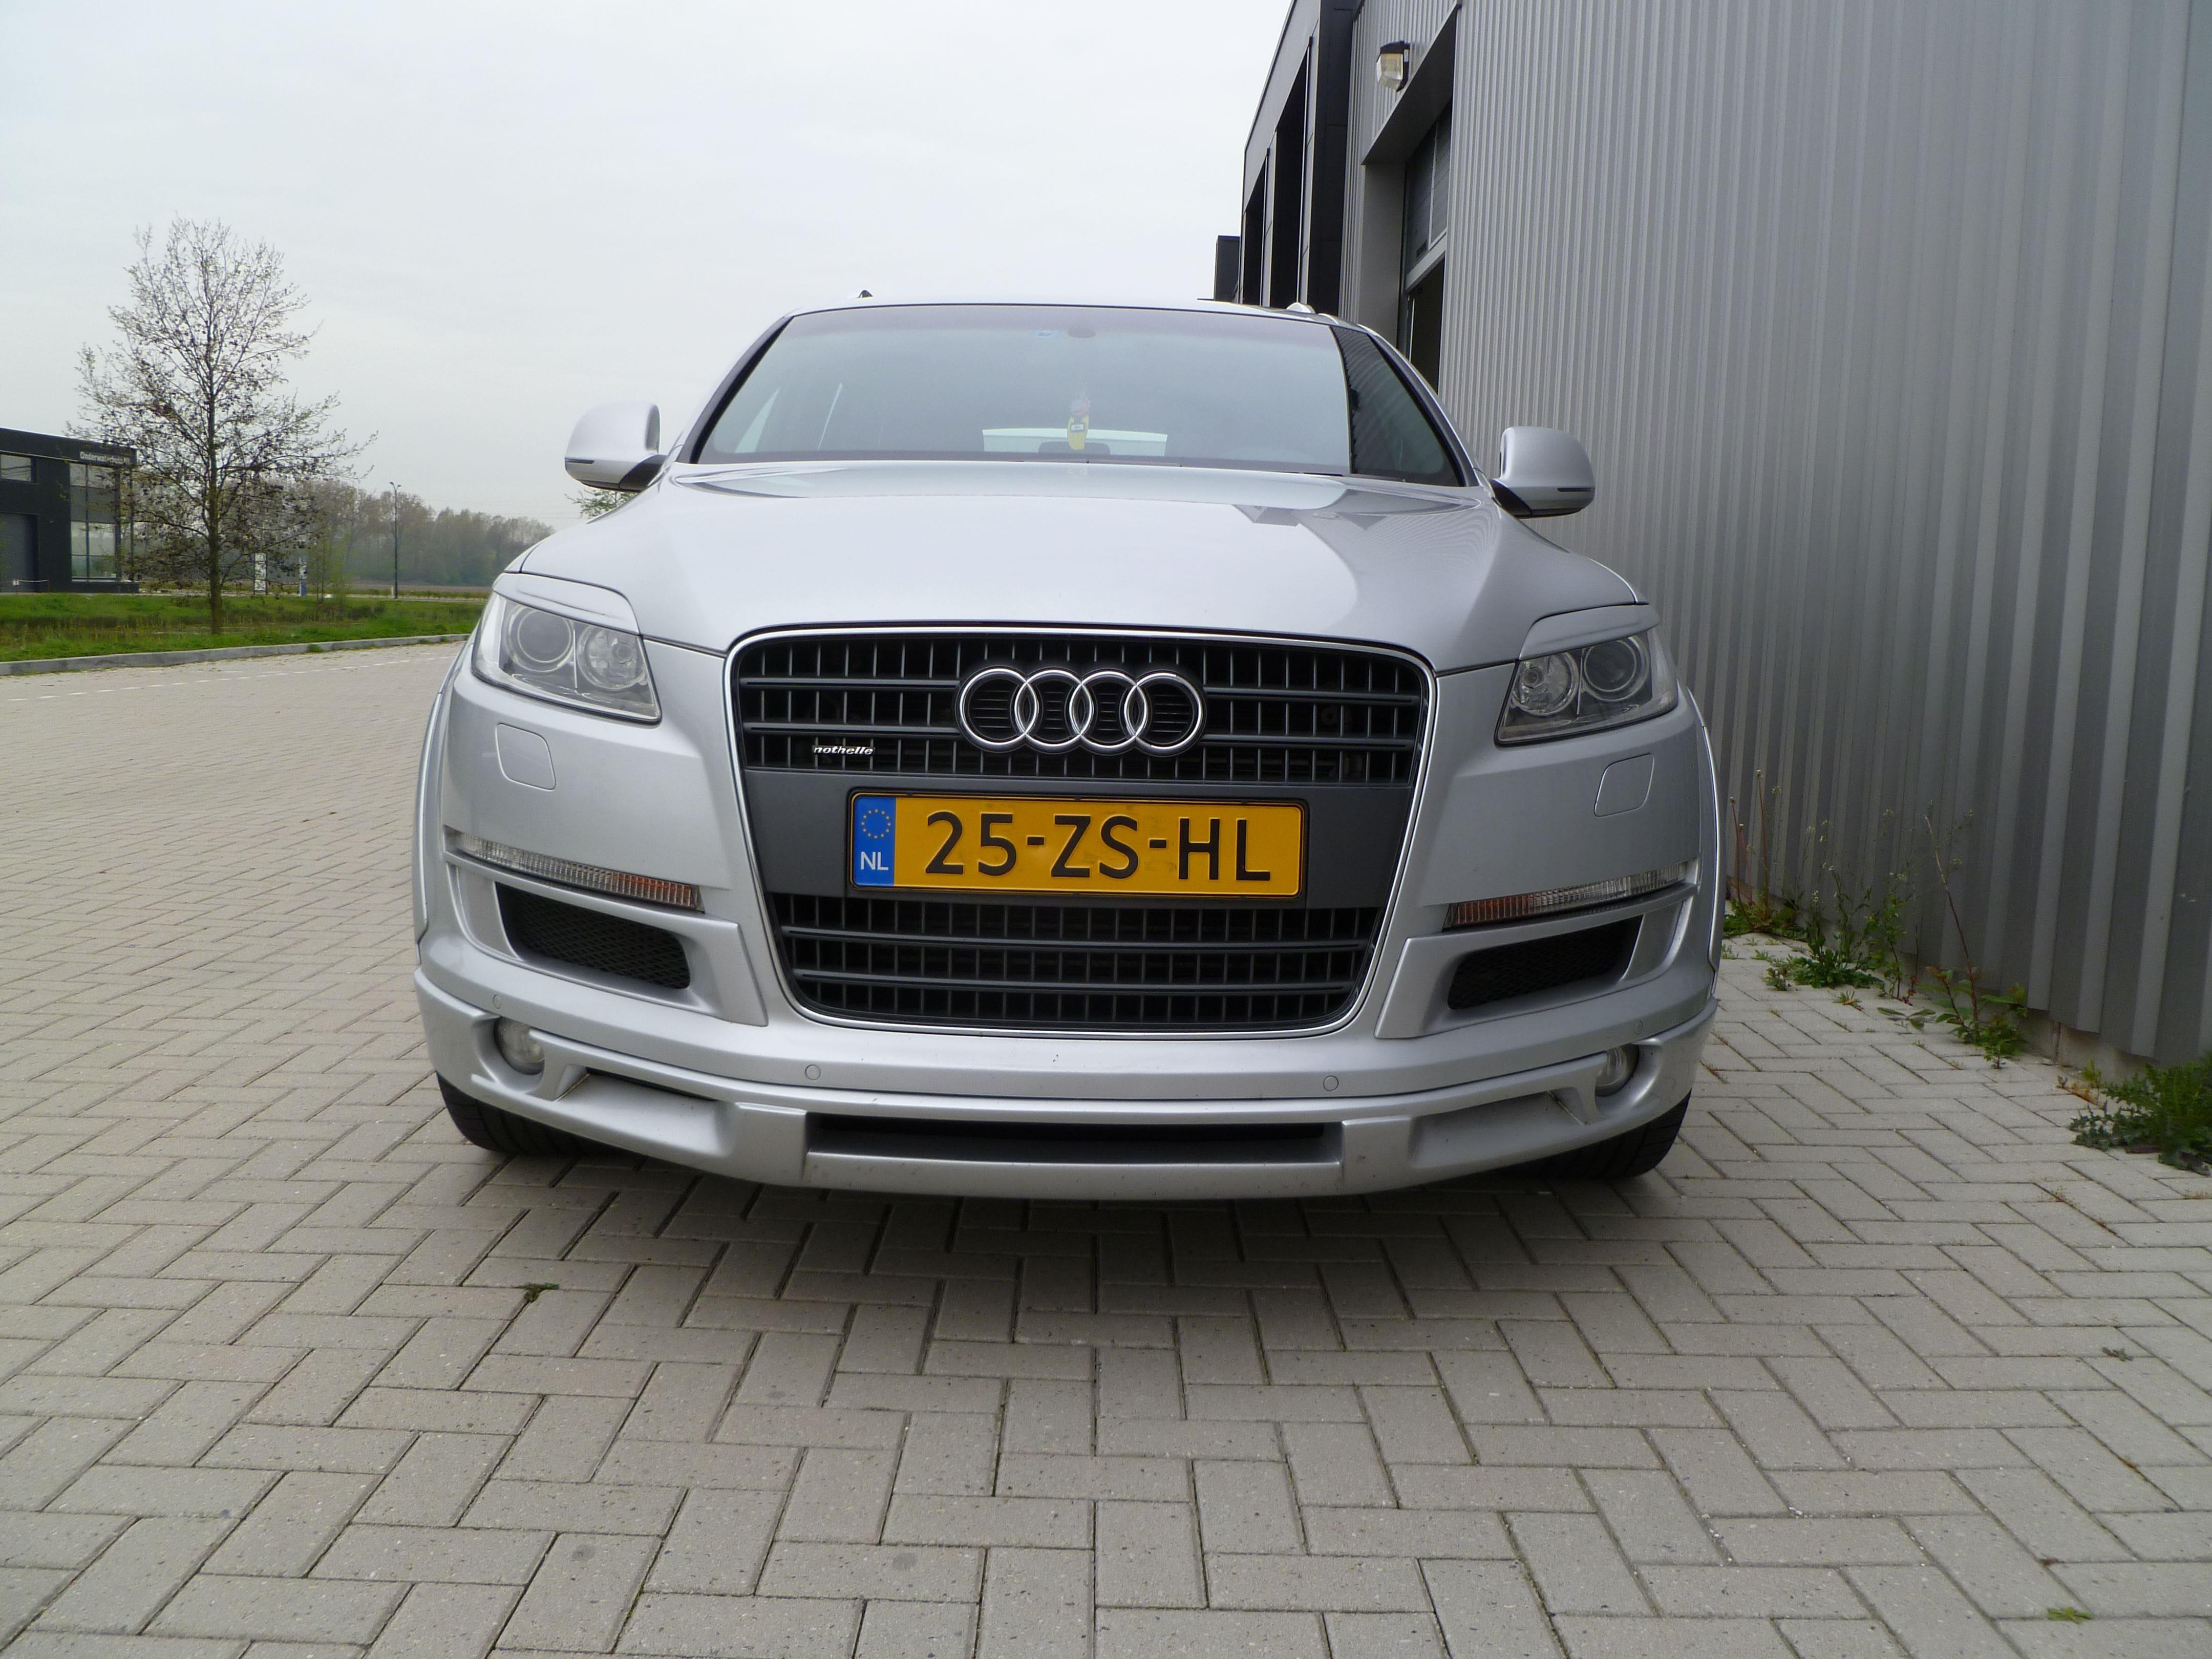 Audi Q7 met Mat Witte Wrap, Carwrapping door Wrapmyride.nu Foto-nr:4932, ©2021